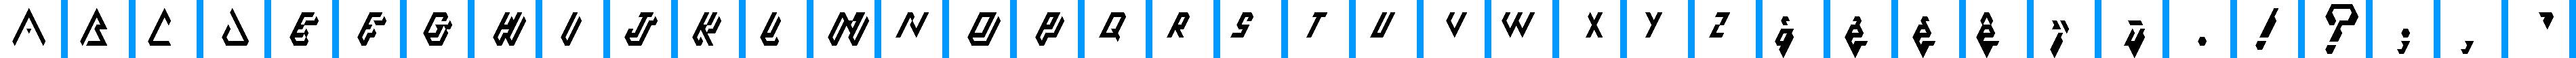 Particip-a-type v.46